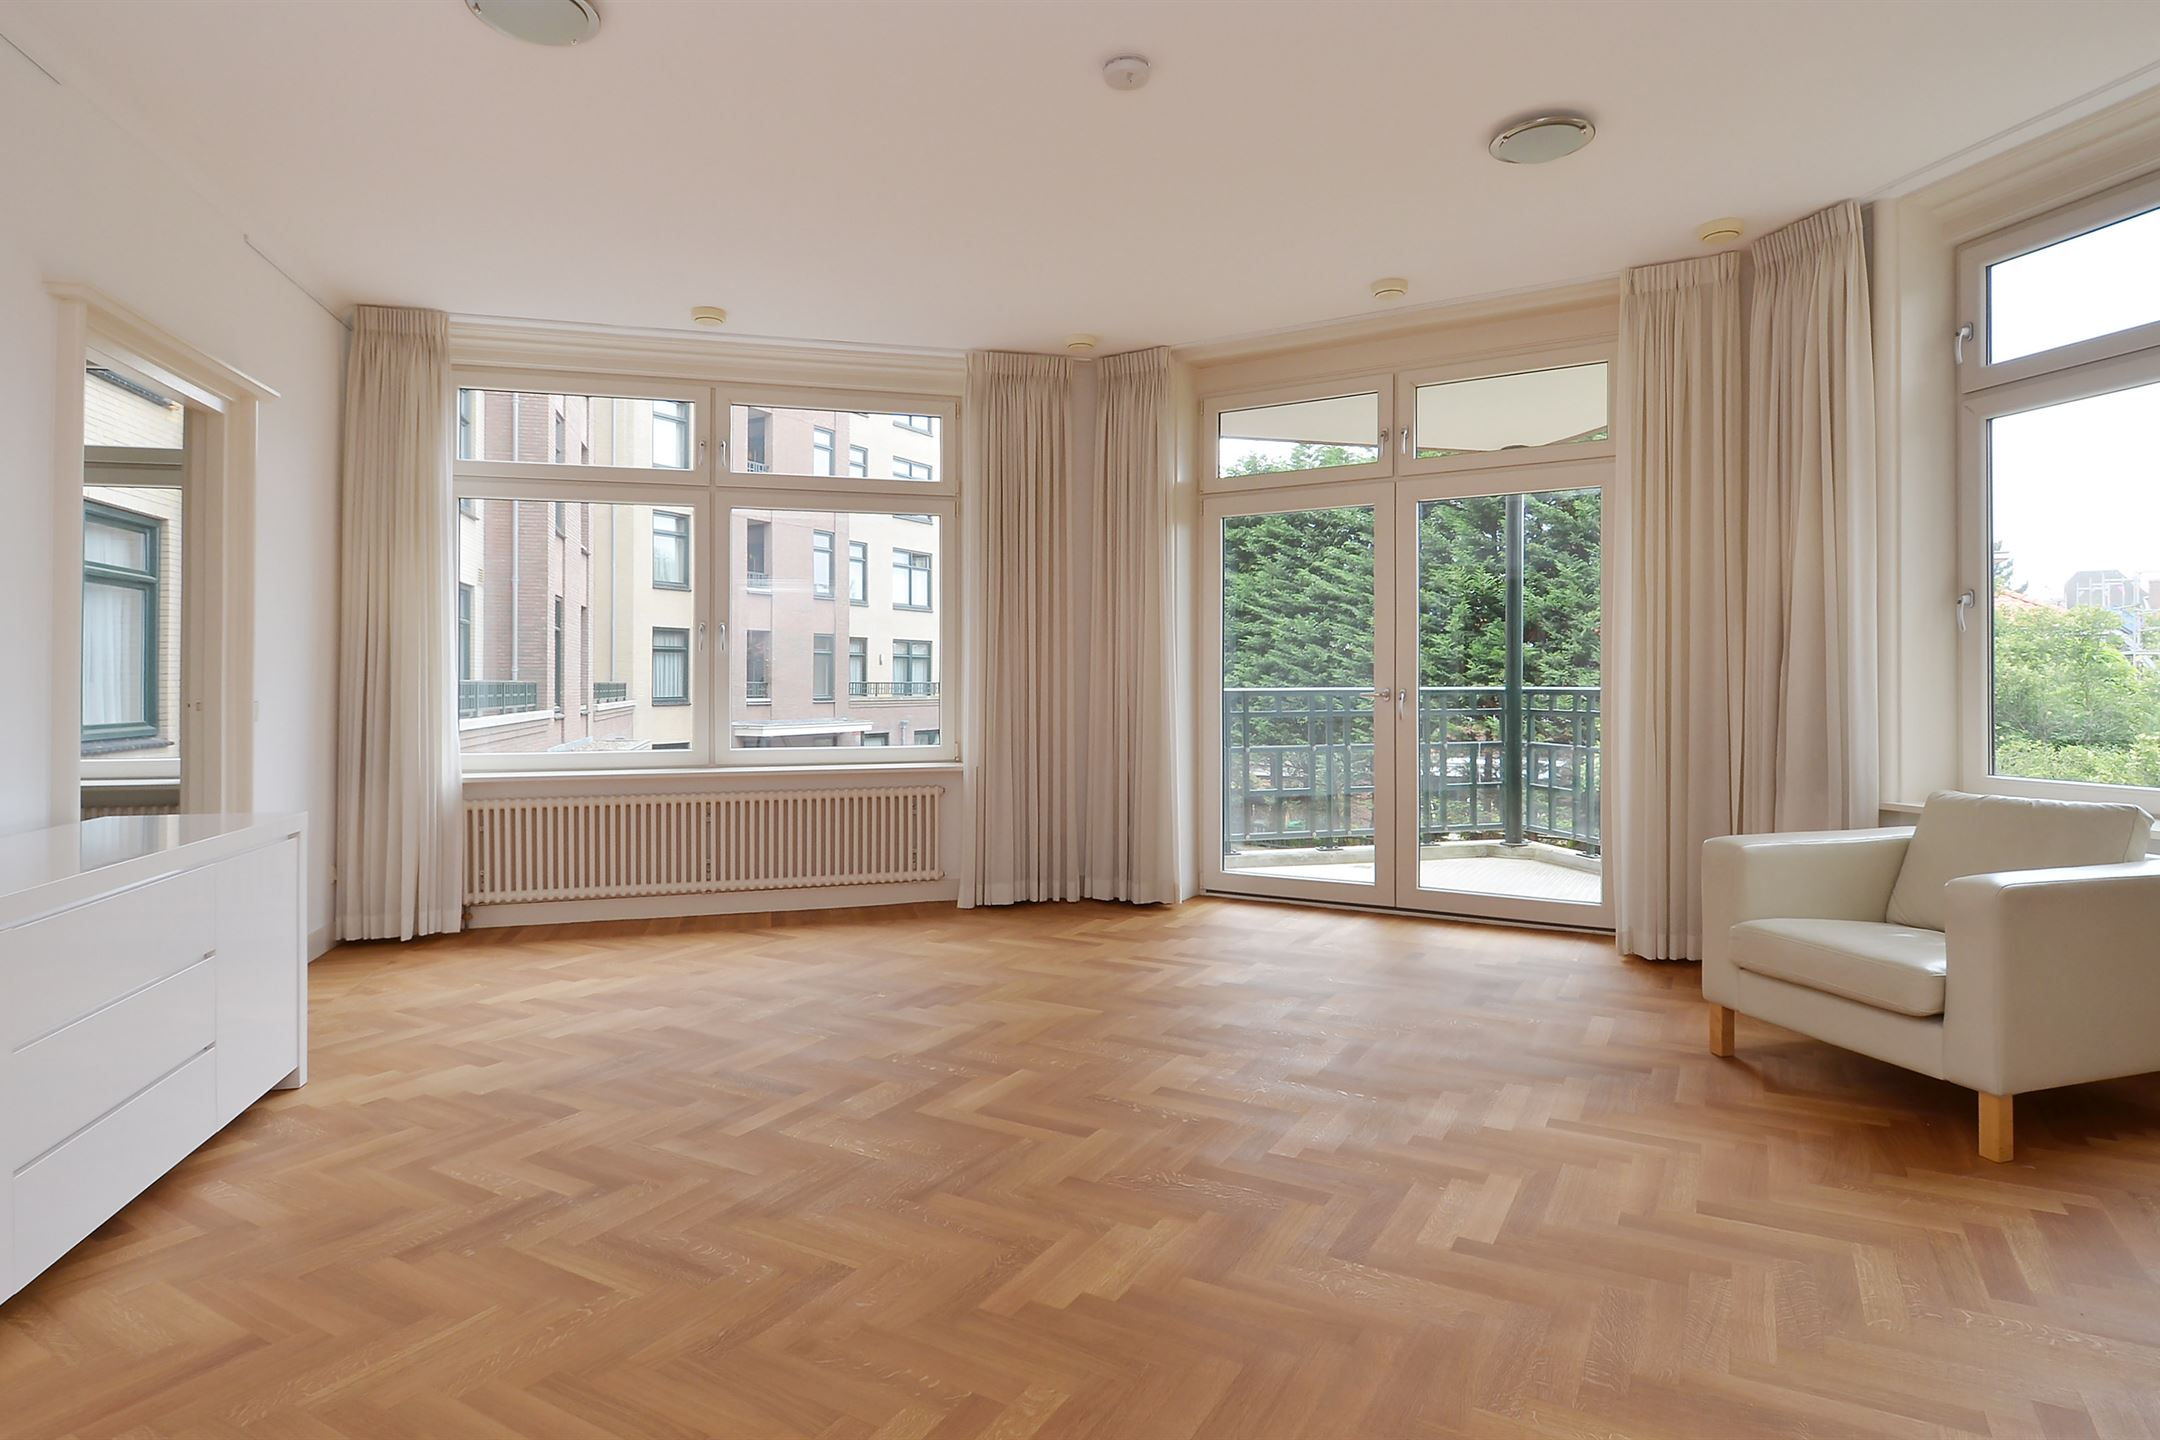 Appartement te koop catsheuvel 87 2517 ka den haag funda for Funda den haag koop